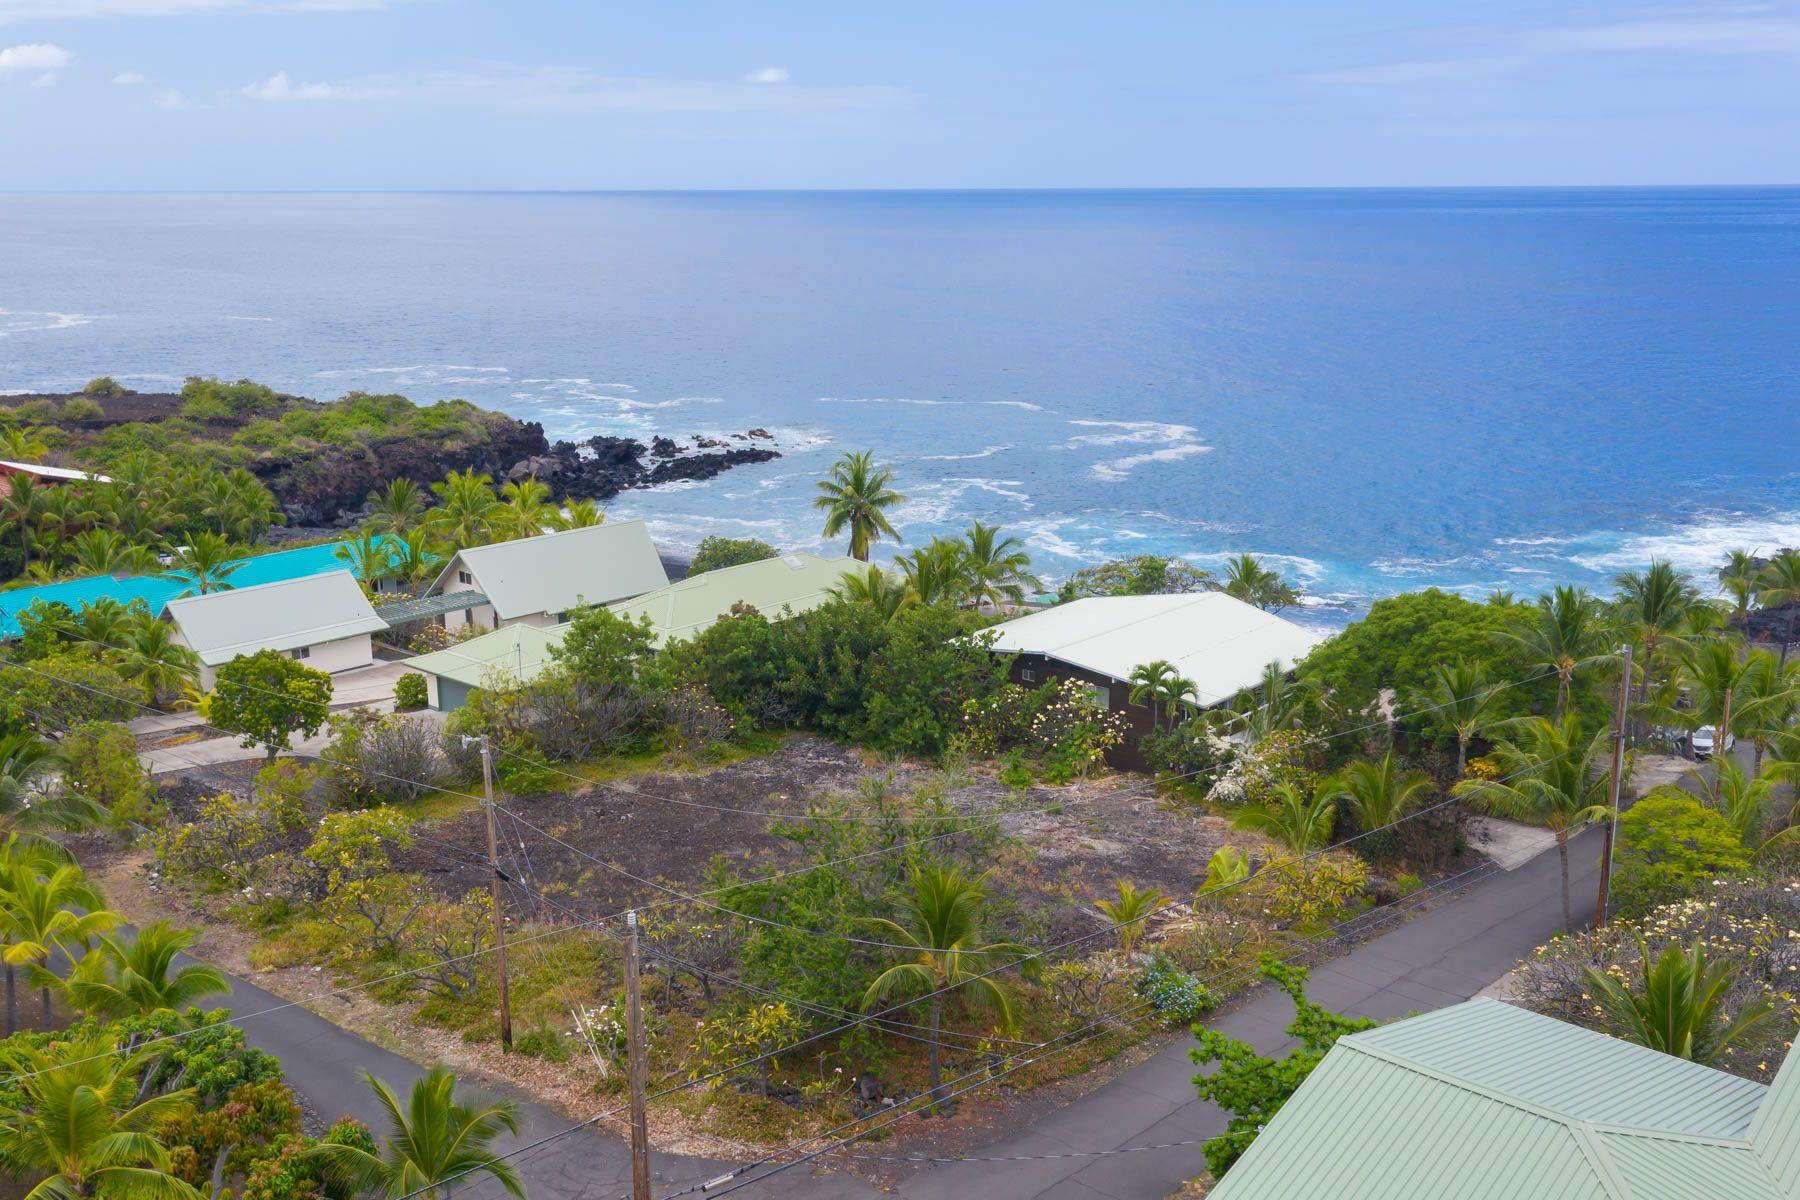 Οικόπεδο για την Πώληση στο Kona Paradise Road M, Captain Cook, Χαβαη 96704 Ηνωμένες Πολιτείες